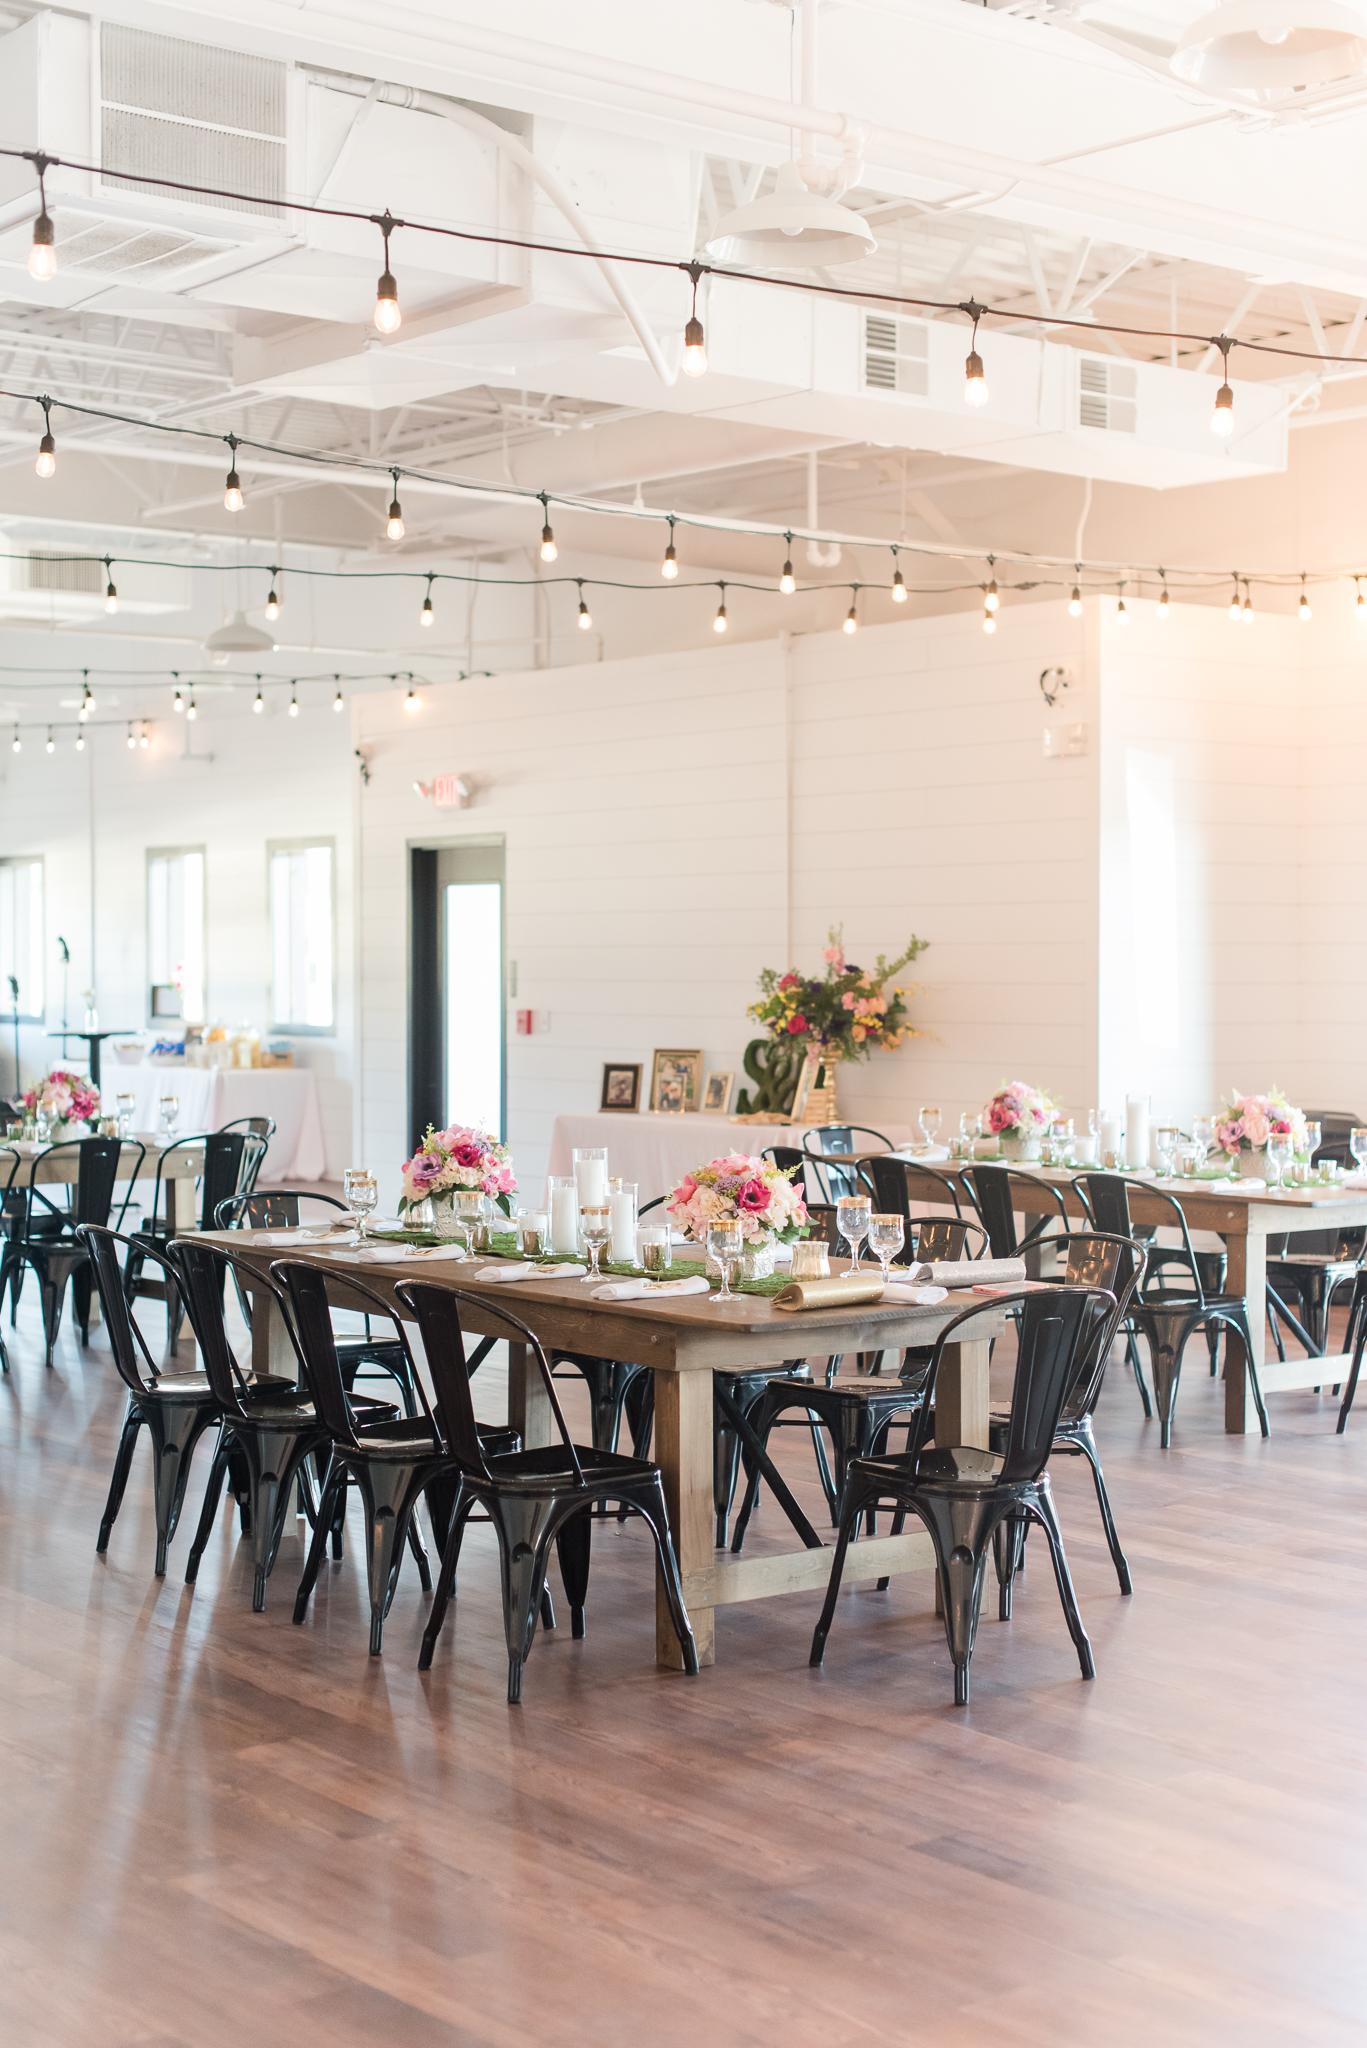 Wedding Reception at Bash in Carmel Indiana7519.jpg